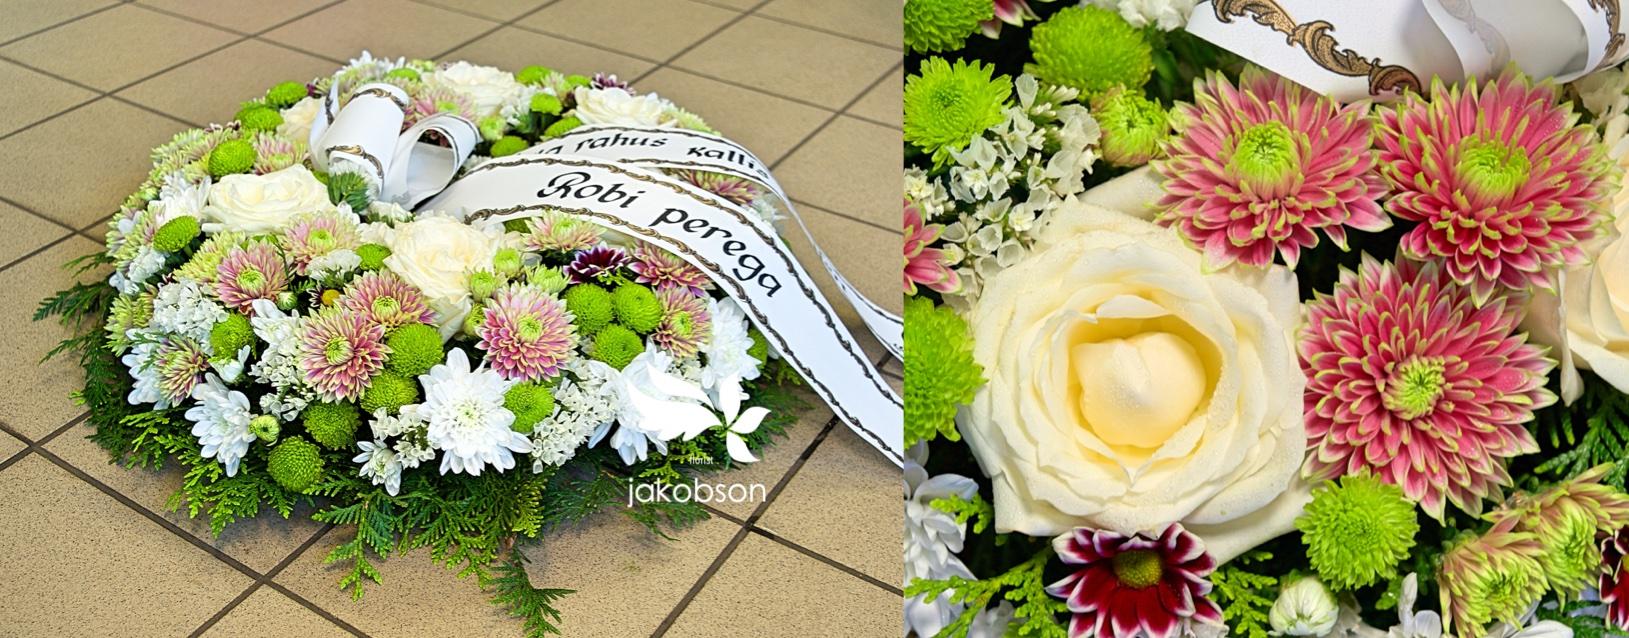 Matuseparg8 - Matusepärg täislilledest